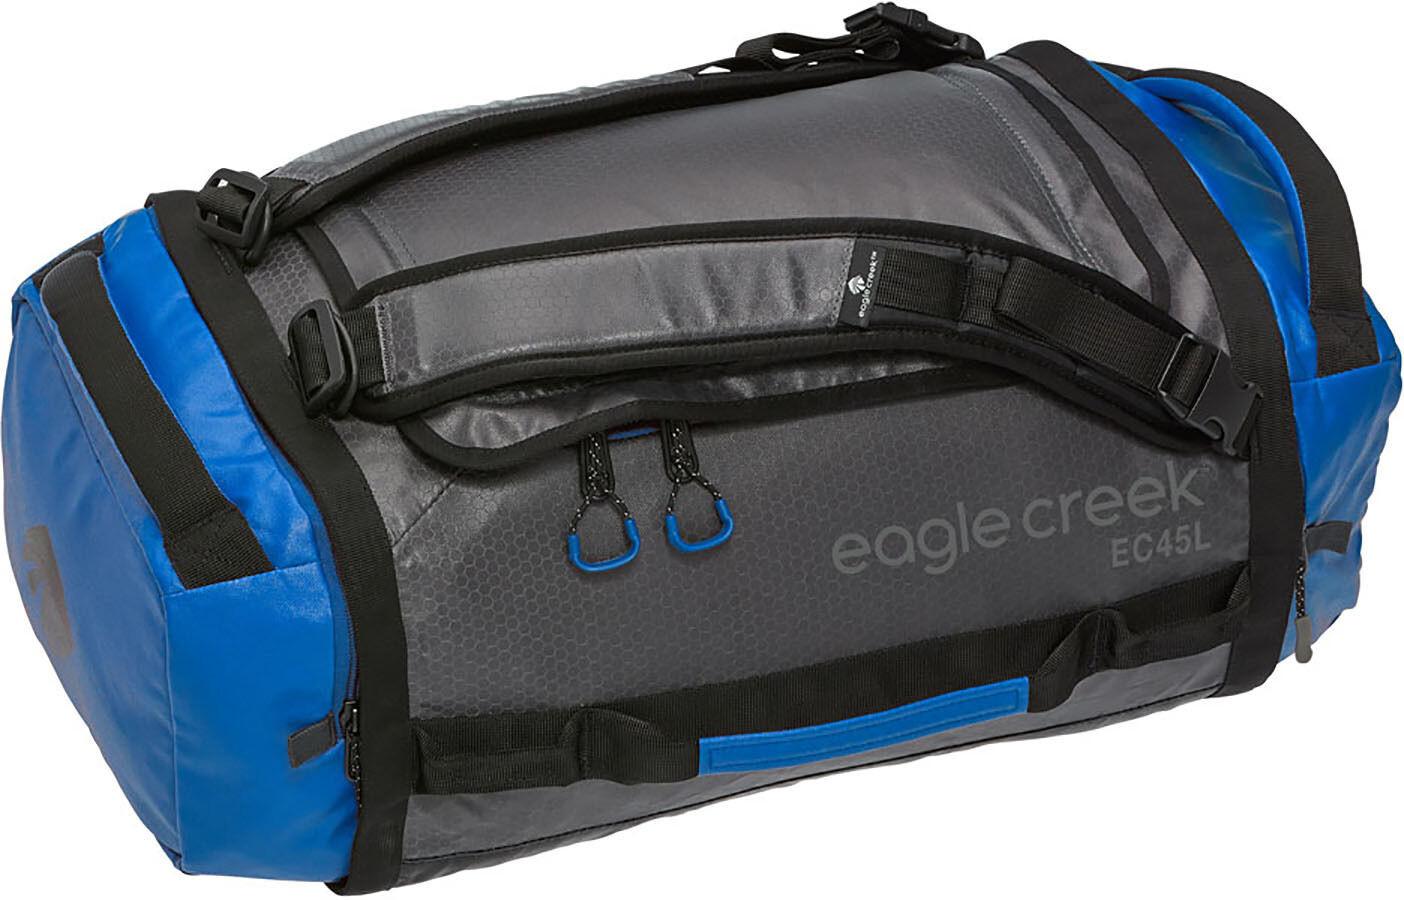 Kletterausrüstung Handgepäck : Eagle creek cargo hauler duffel 45l blue asphalt campz.de